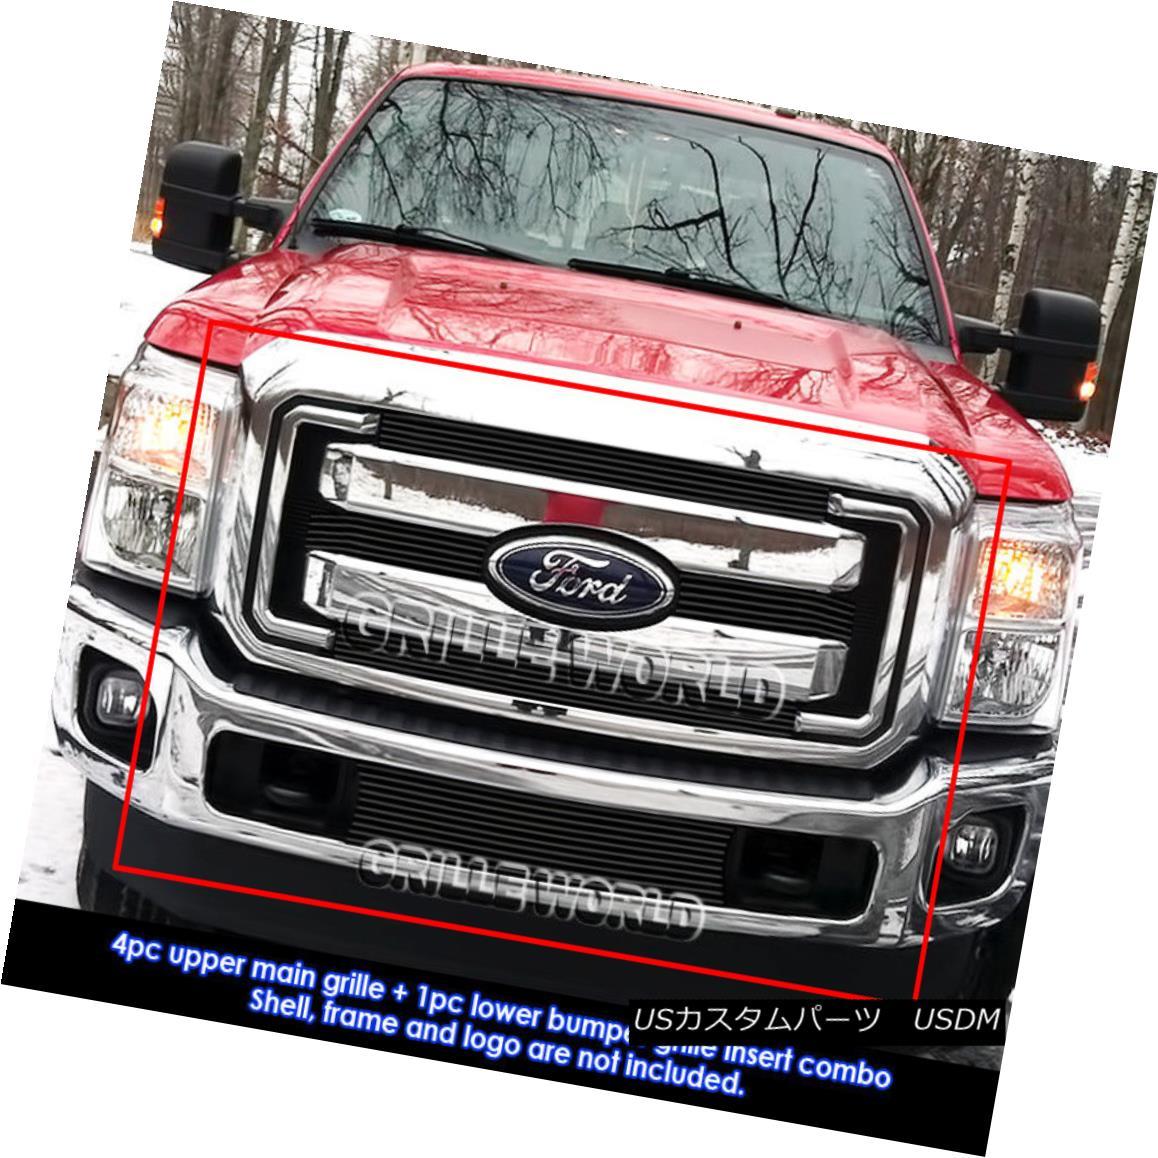 グリル Fits 2011-2015 Ford F250/F350 SD XLT/Lariat/King Ranch Black Billet Grille Combo フィット2011-2015フォードF250 / F350 SD XLT /ラリアット/キン g牧場黒ビレットグリルコンボ